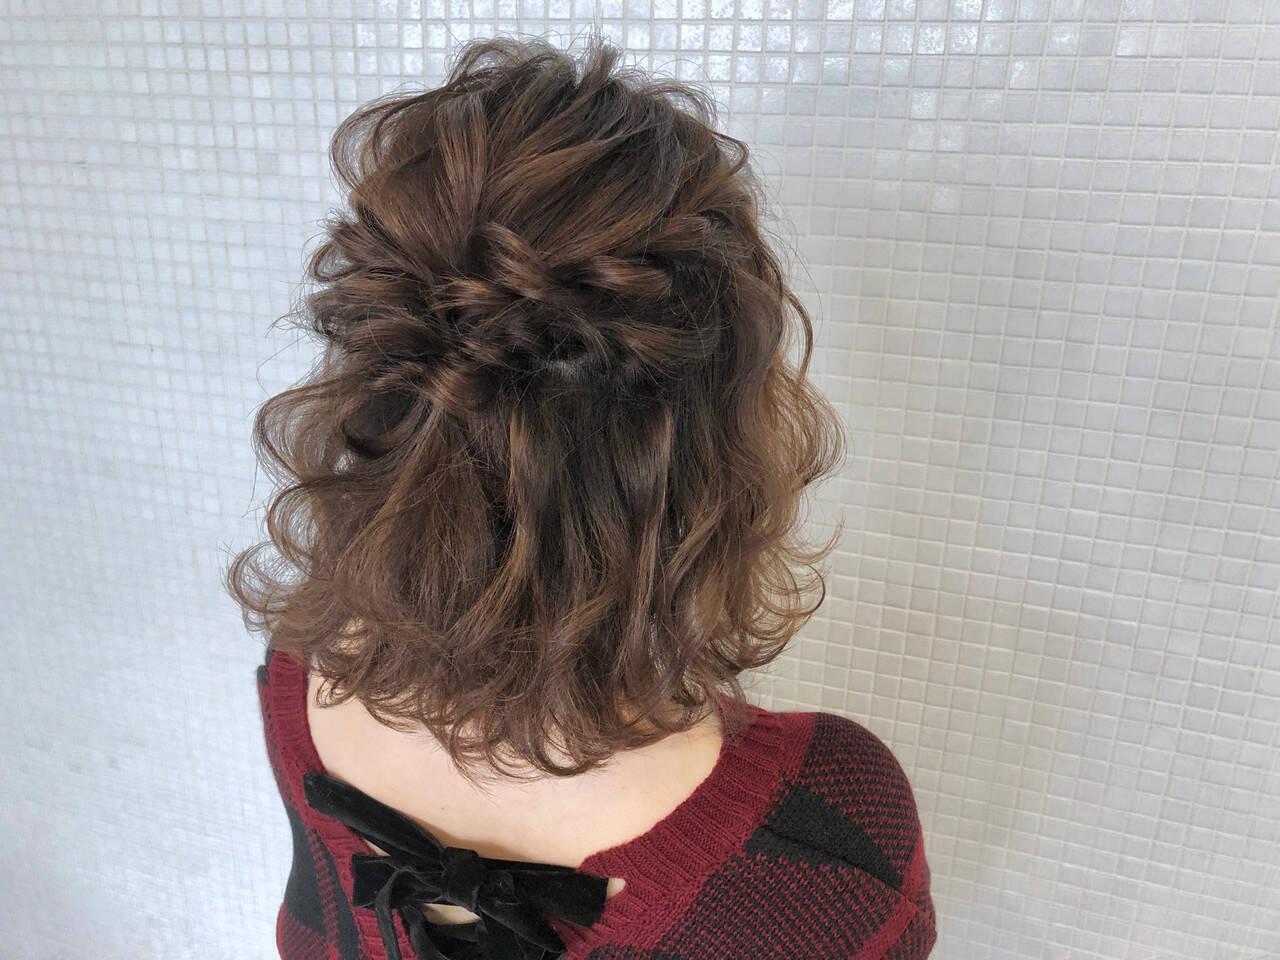 お出かけヘア 波ウェーブ ヘアアレンジ ボブアレンジヘアスタイルや髪型の写真・画像